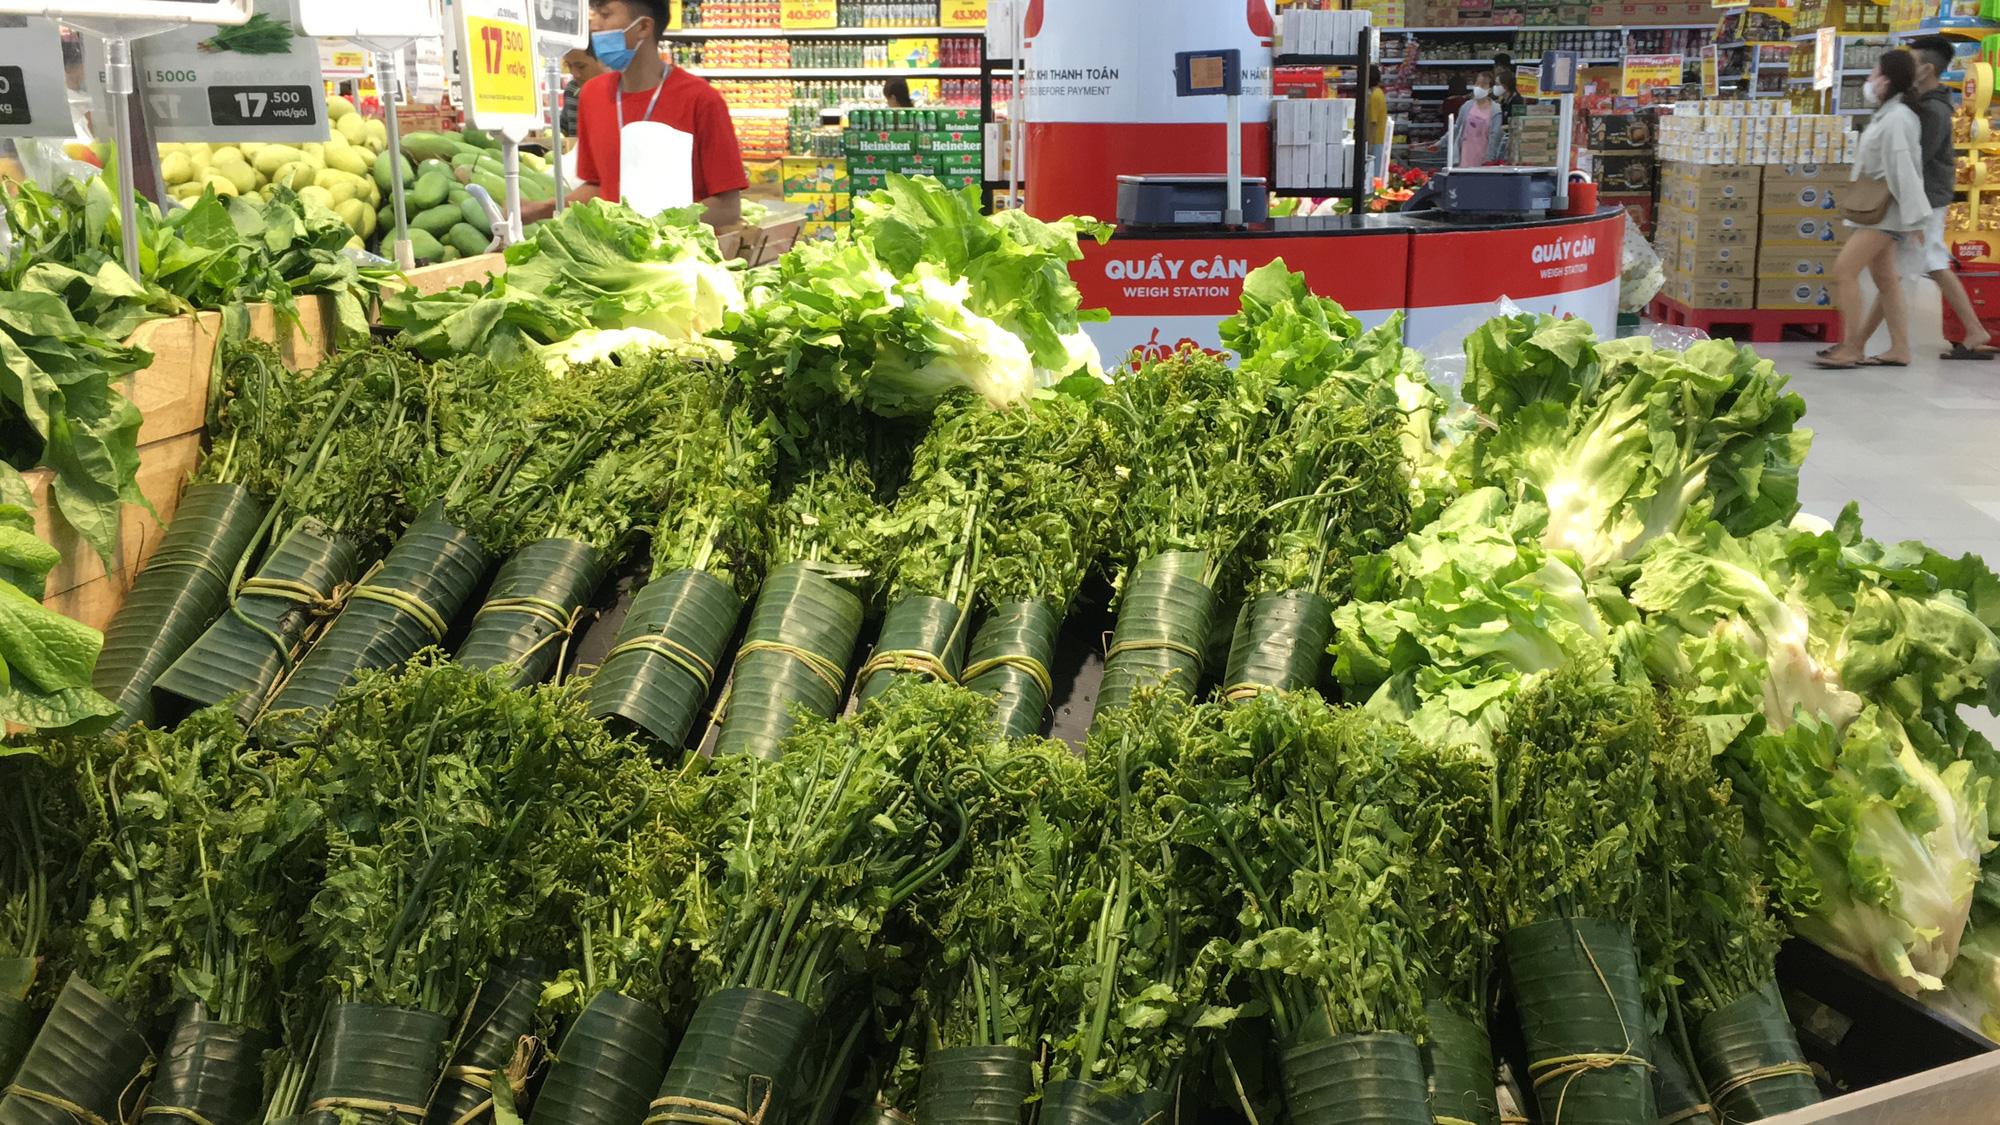 Siêu thị ở Đà Nẵng tràn đầy hàng trăm tấn hàng hóa cho nhu cầu người dân - Ảnh 1.